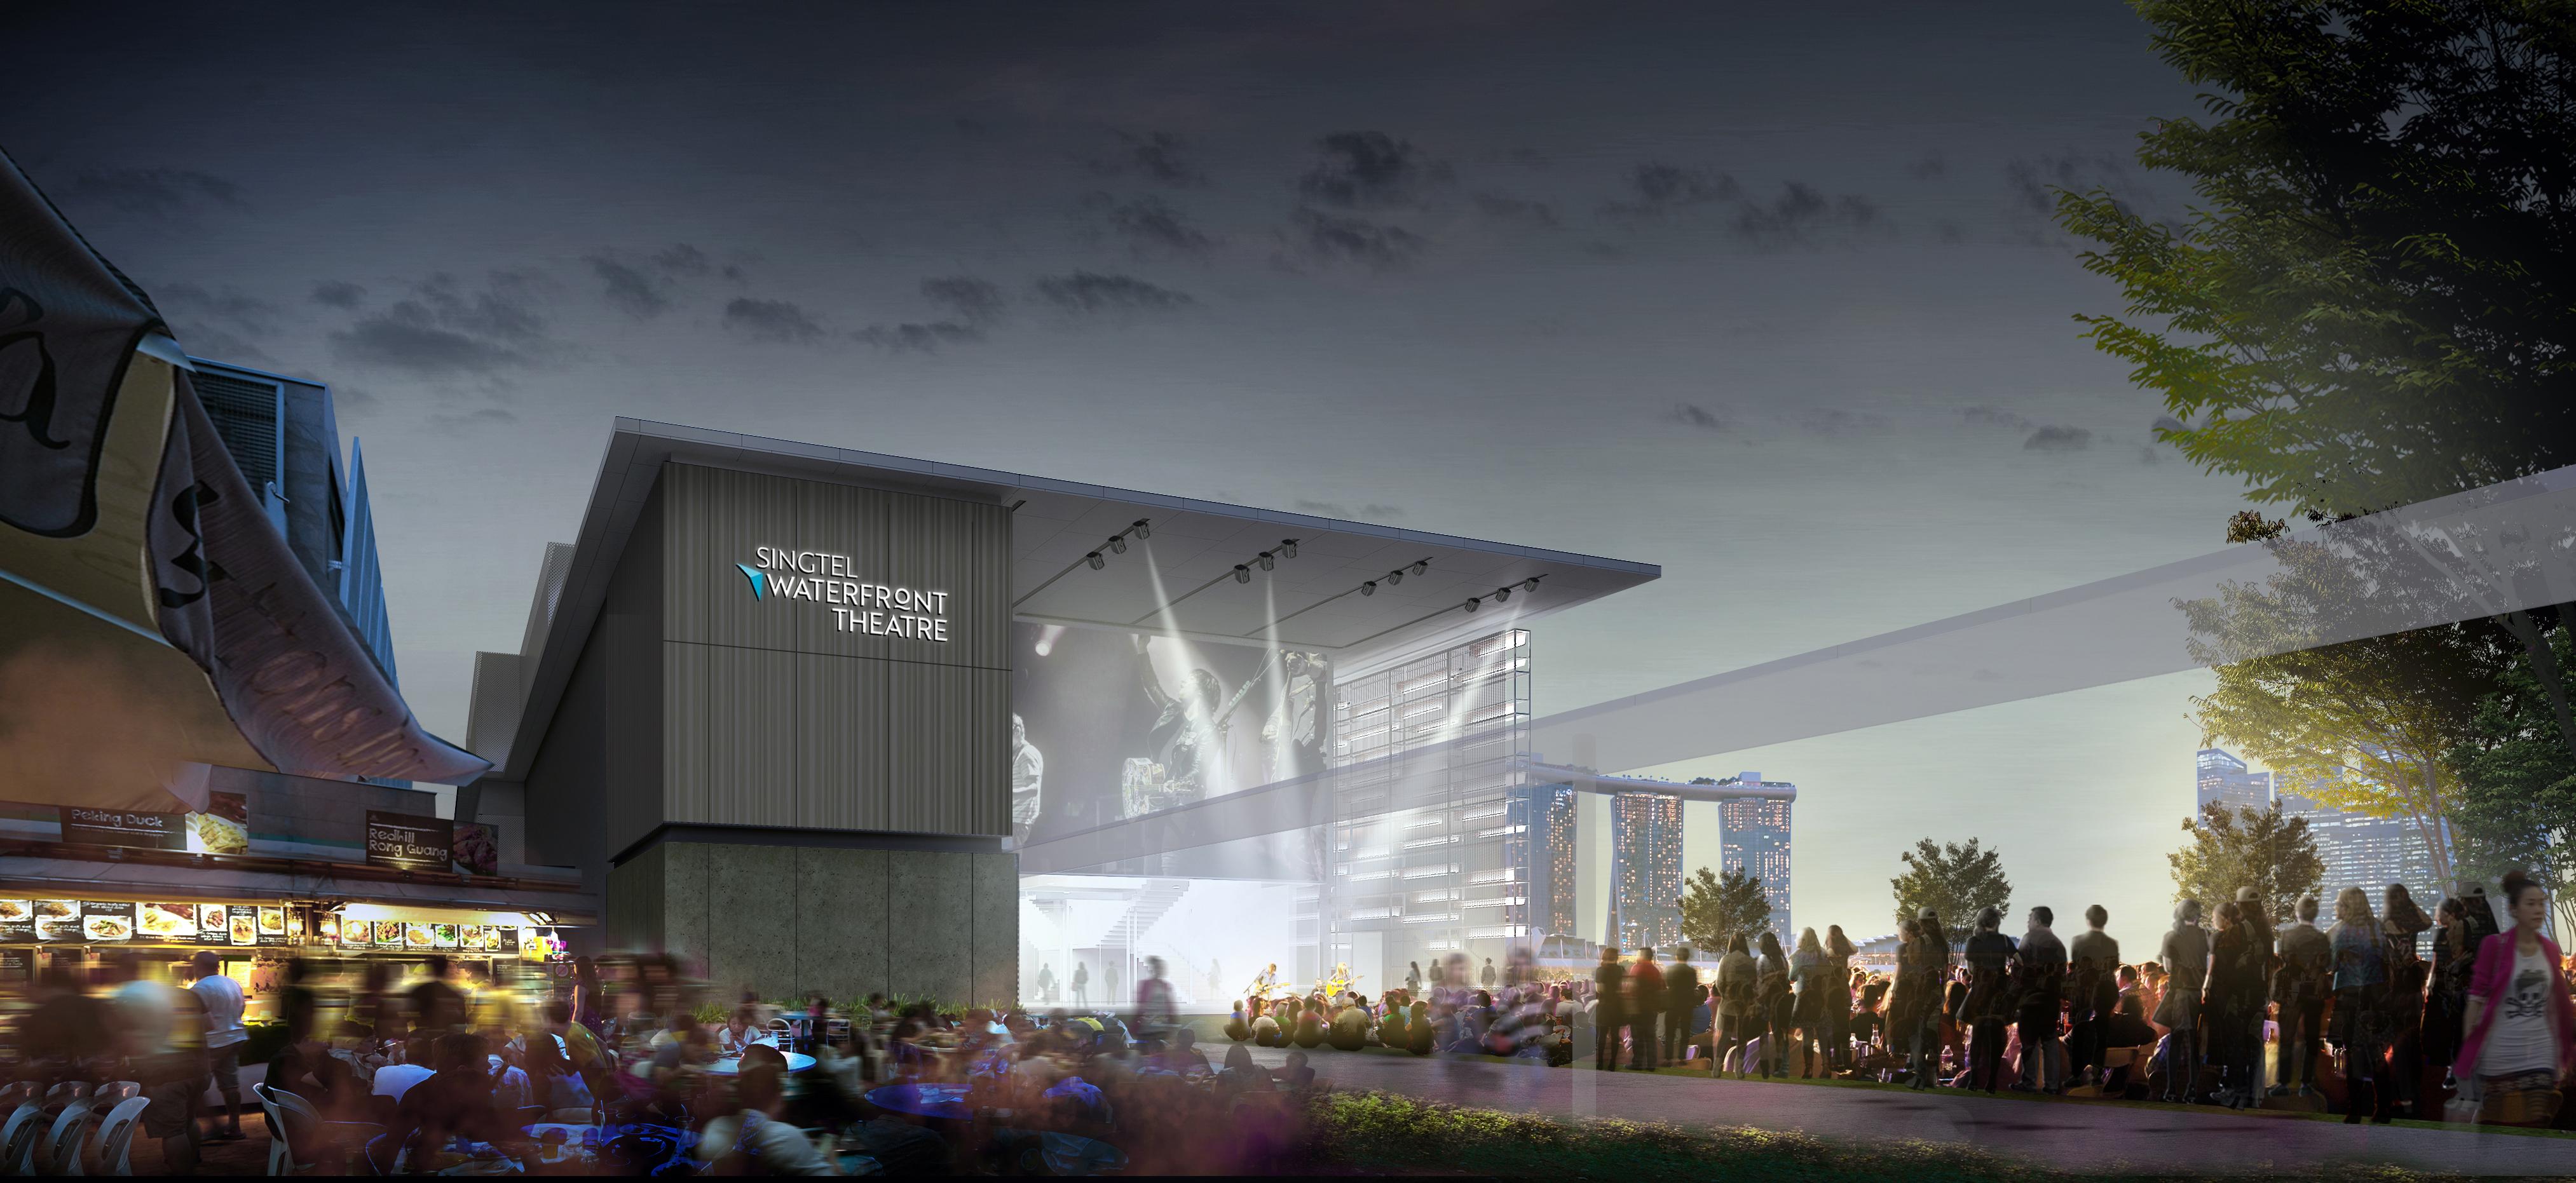 Singtel Waterfront Theatre at Esplanade